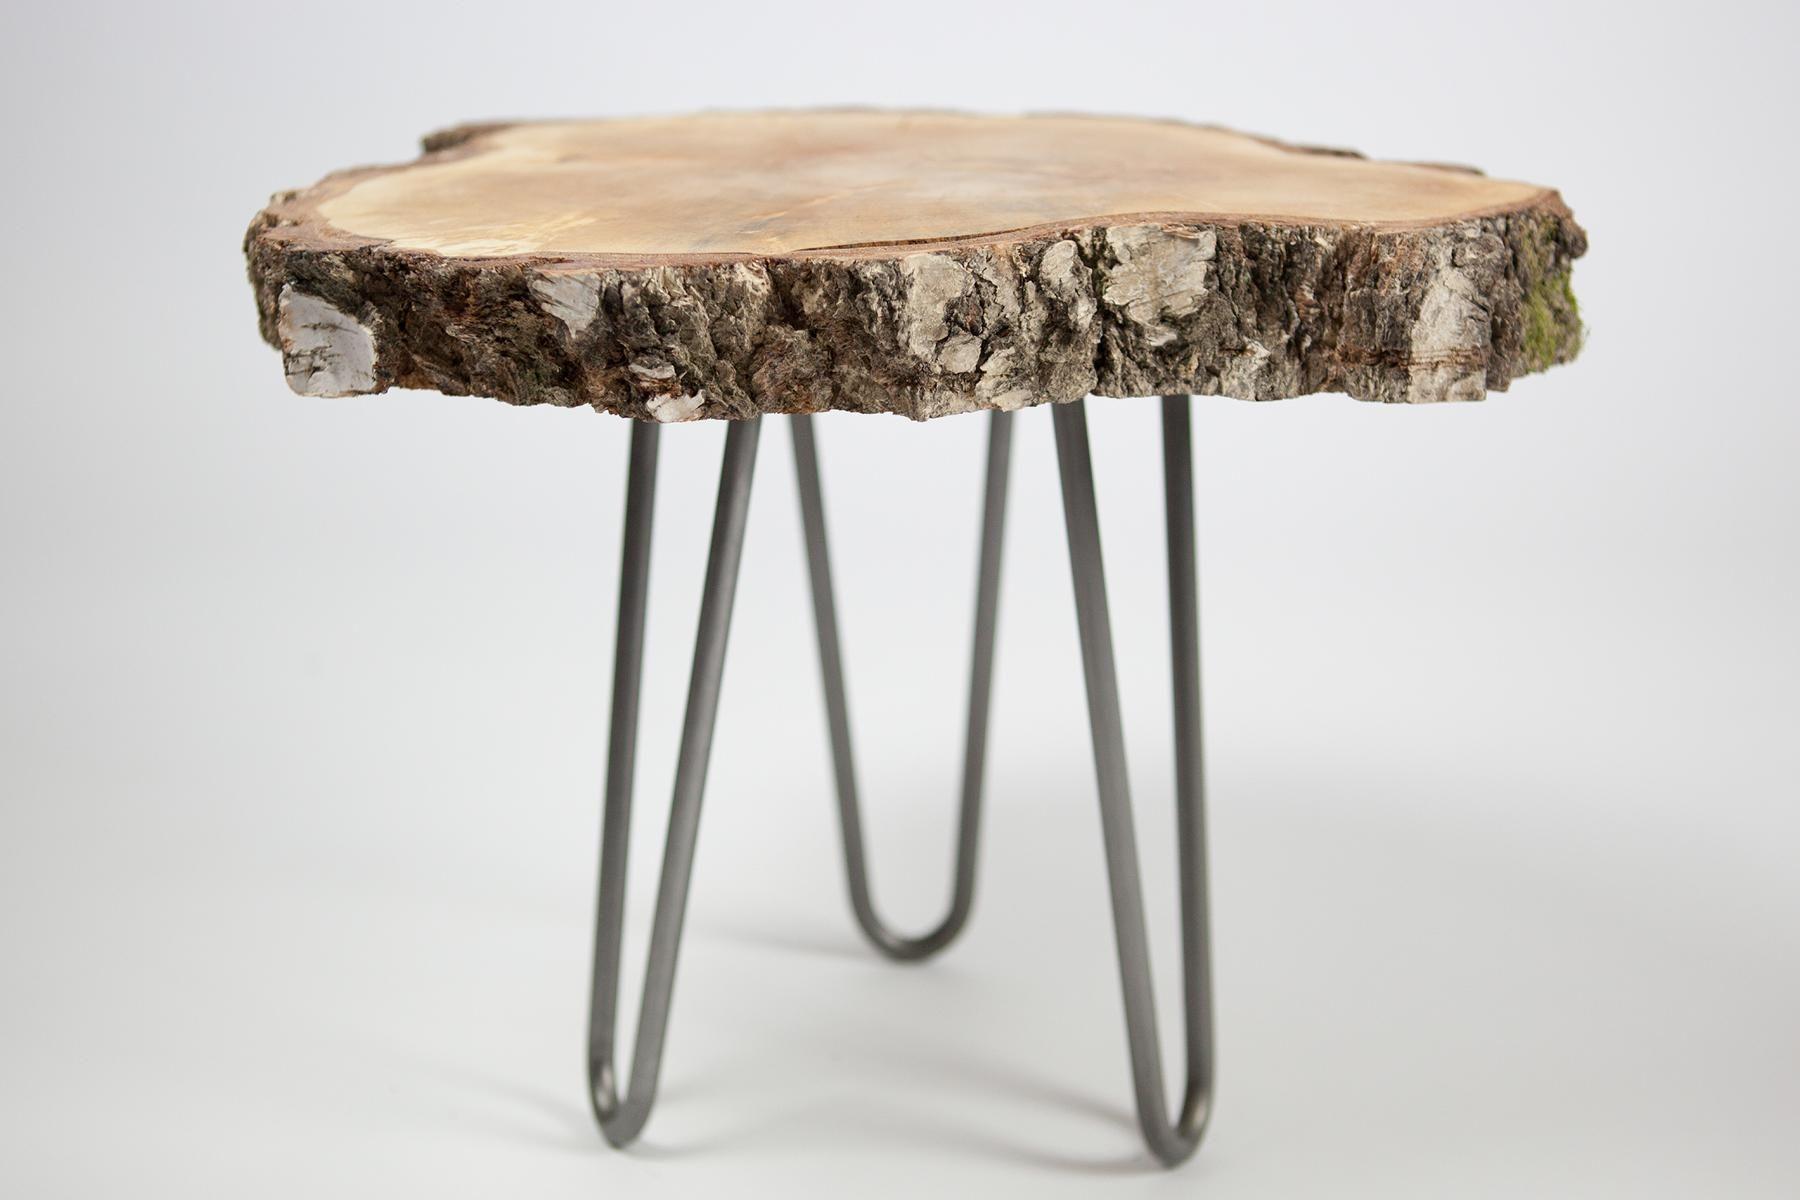 Affordable Hairpin Leg Tisch Mit Baumscheibe With Baumscheibe Tisch